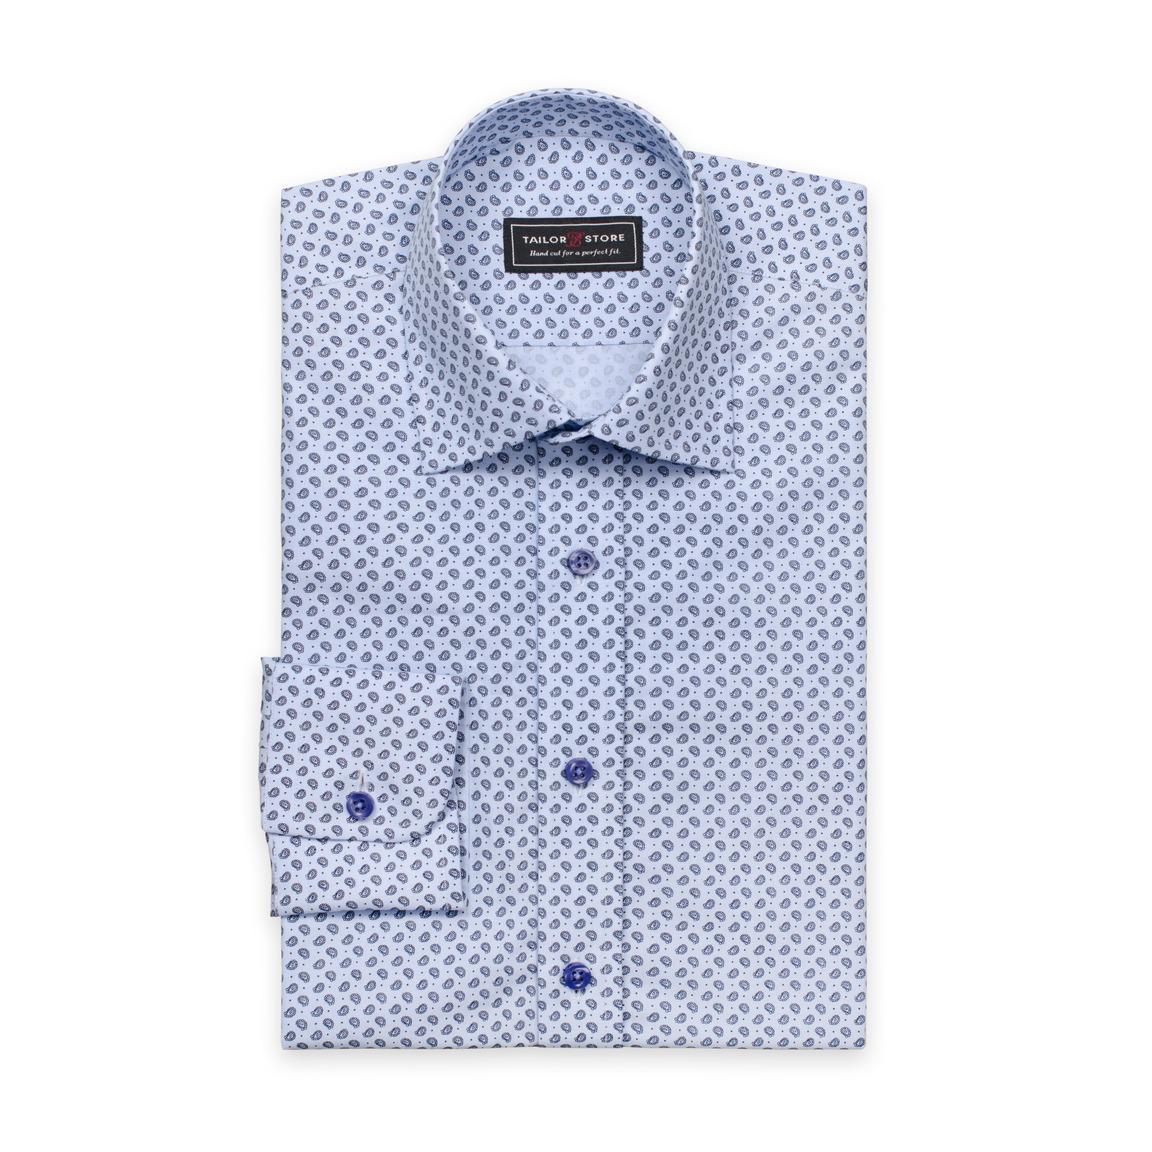 Blaues Poplin-Hemd in Paisley-Muster